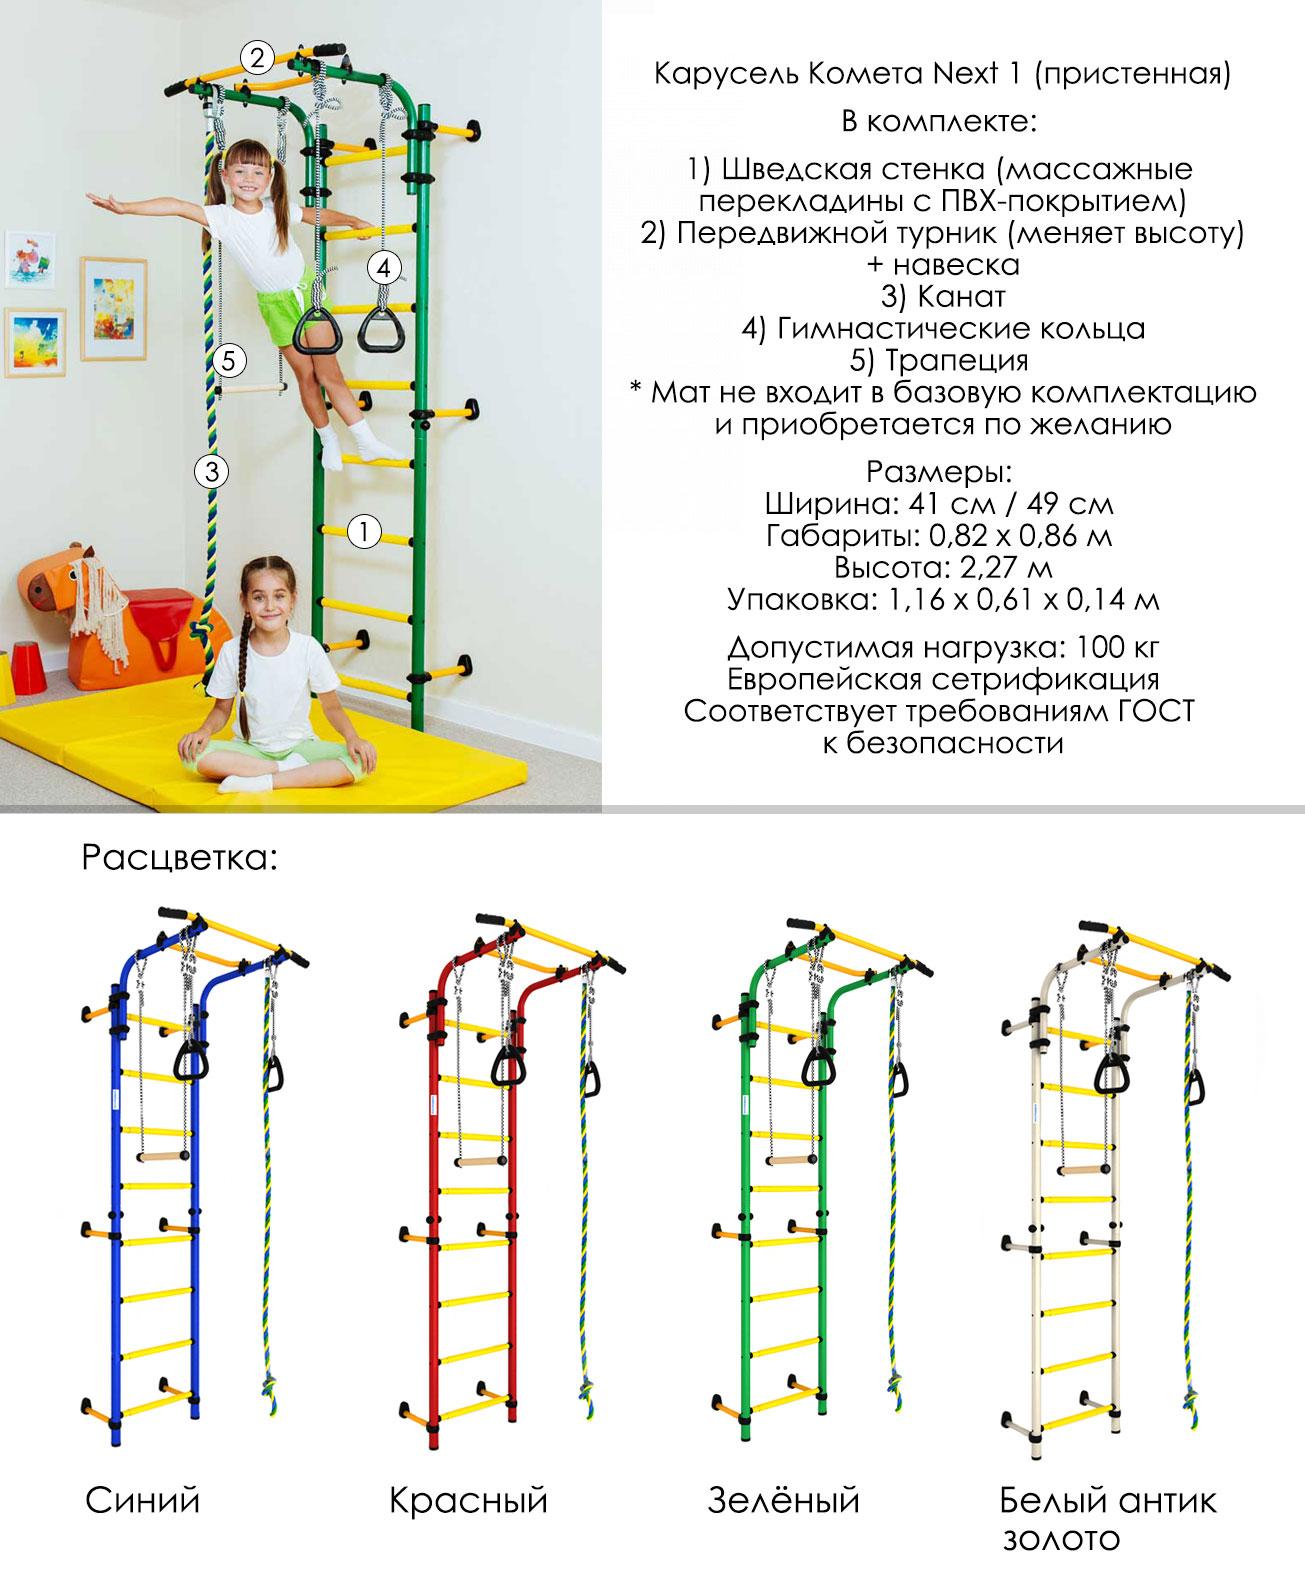 Детская шведская стенка Карусель Комета Next 1  с передвижным турником, характеристики, цвета, комплектация, где купить